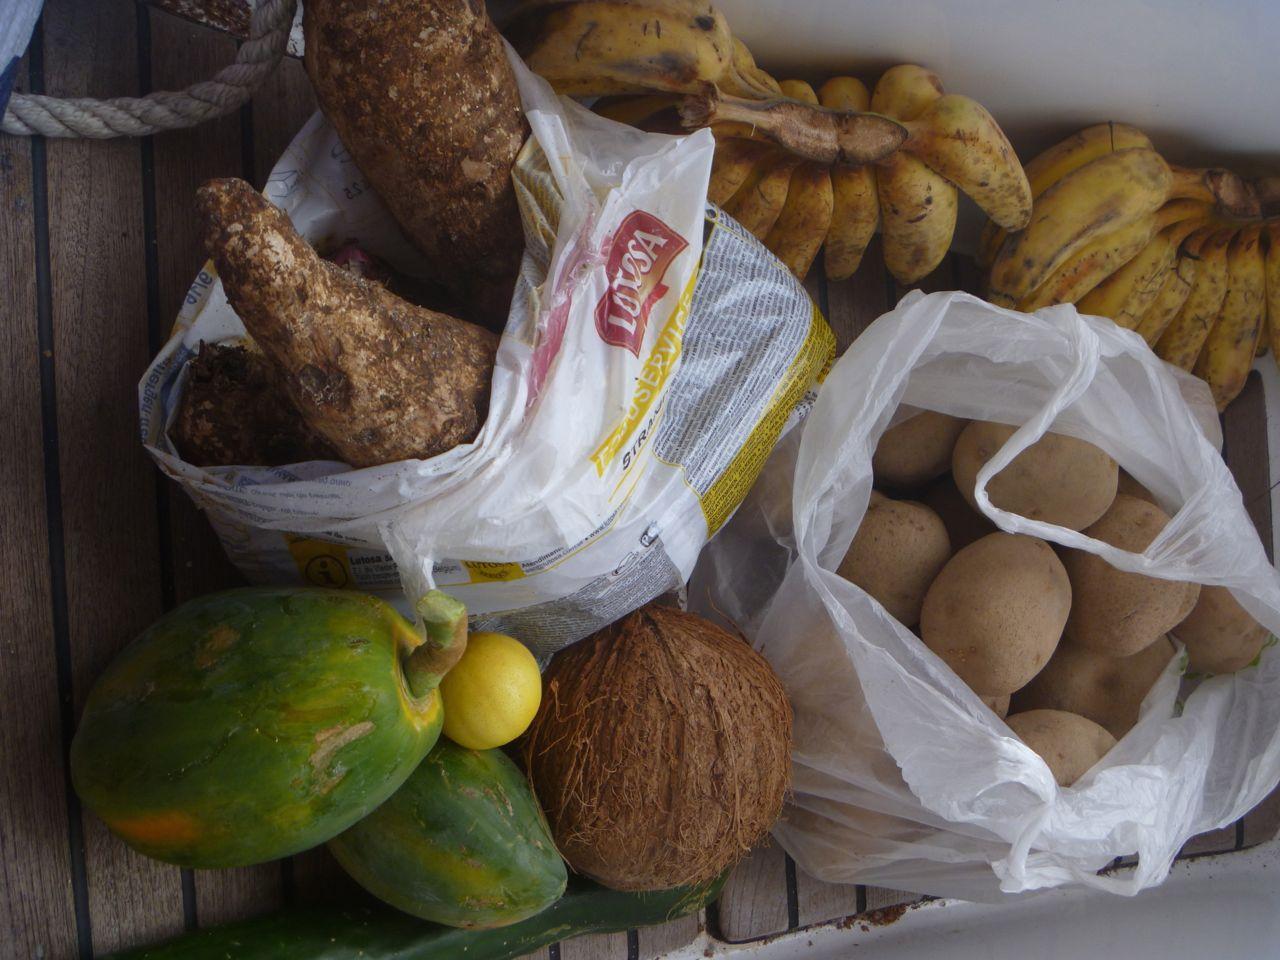 Wir bekommen reichlich Proviant für unsere Weiterfahrt nach Tonga